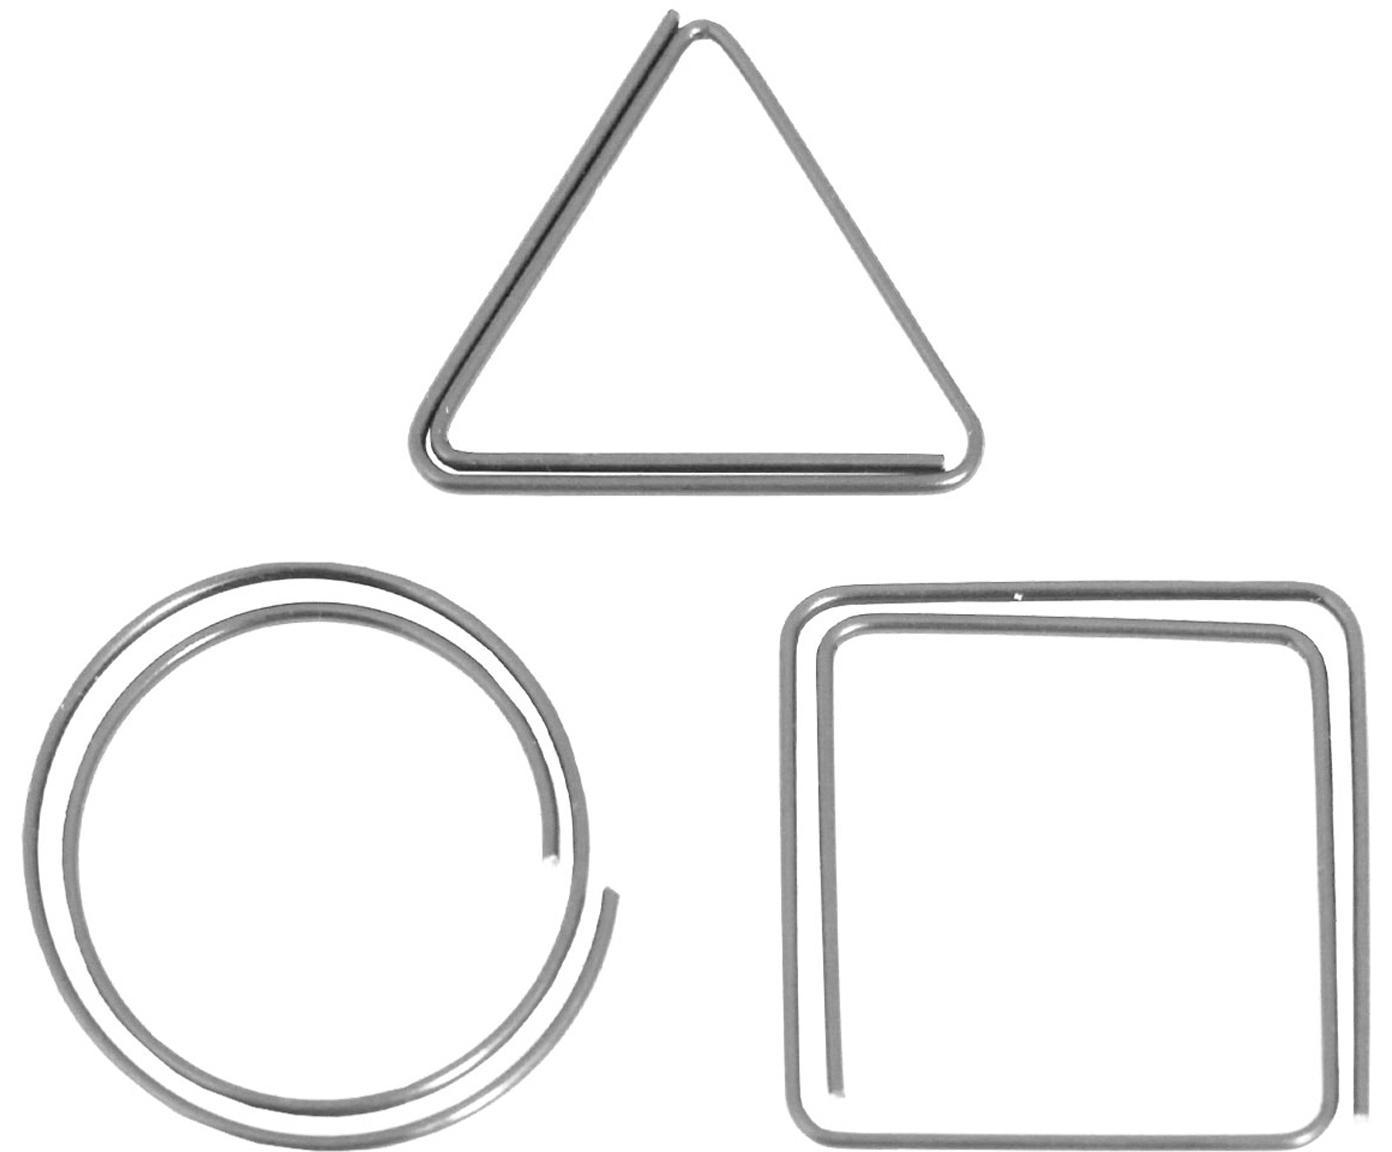 Büroklammern-Set Geometria, 9-tlg., Metall, lackiert, Metall, 3 x 3 cm